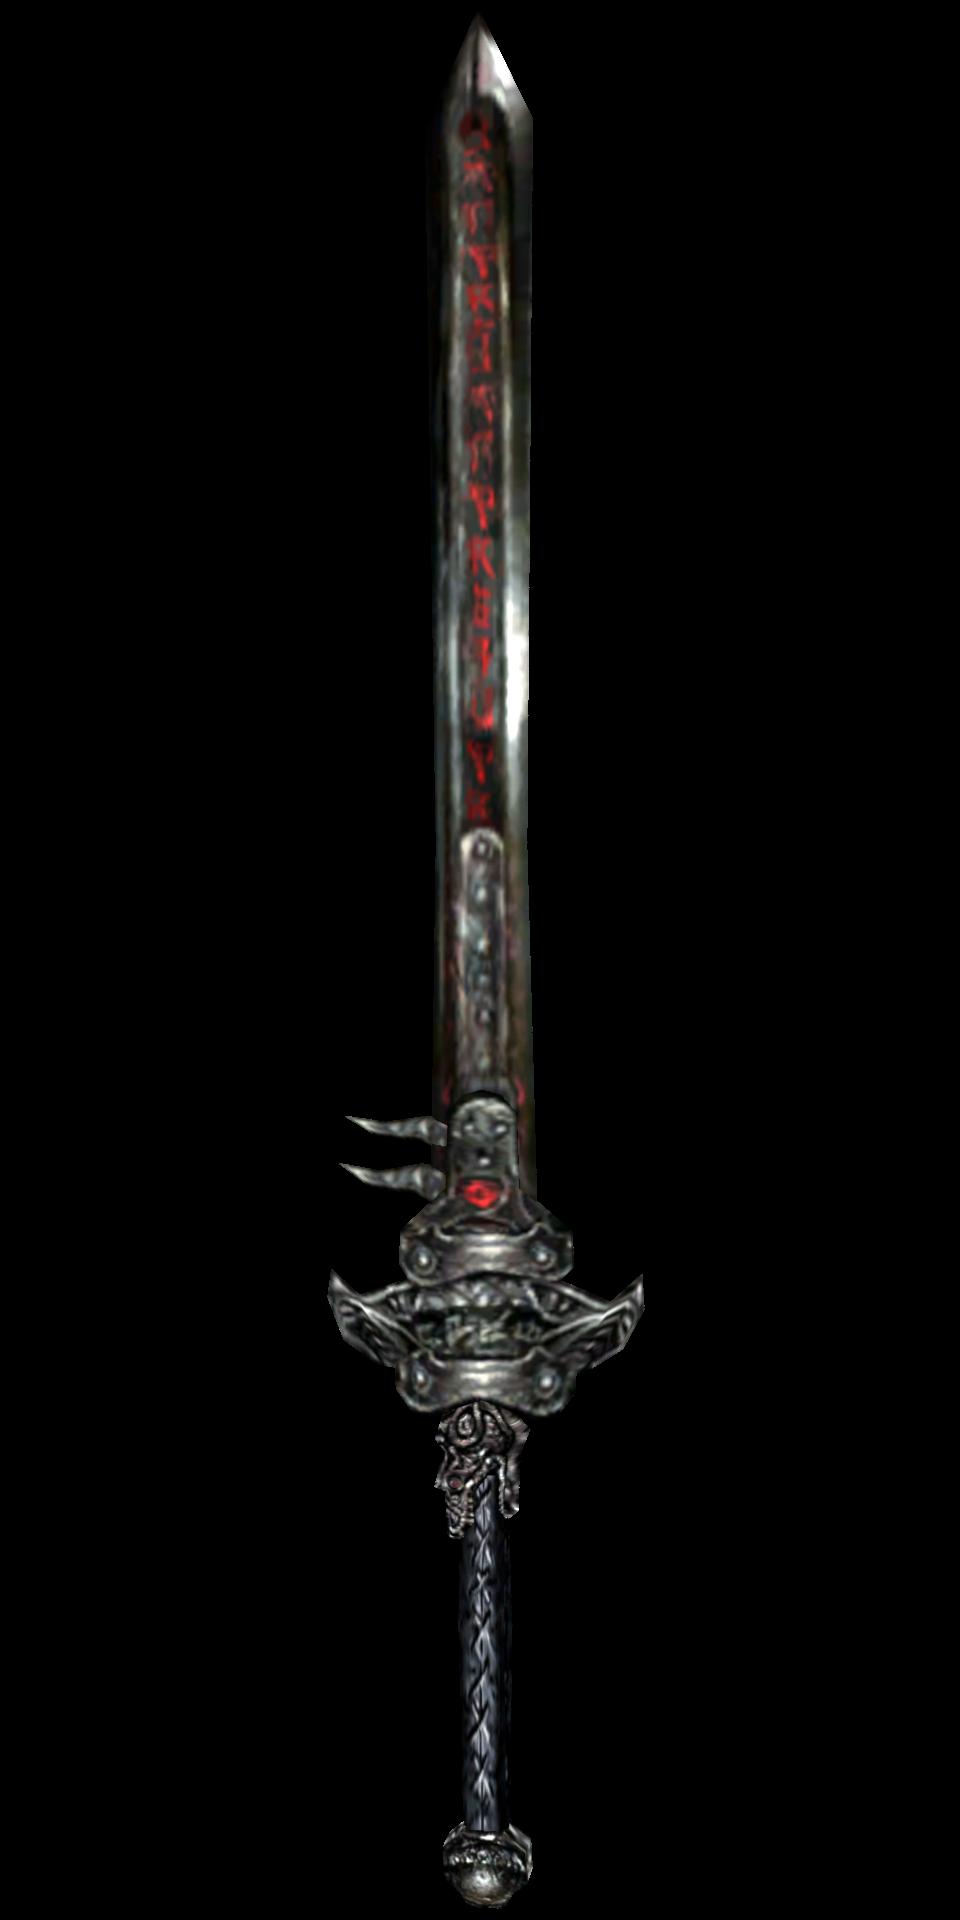 daedric longsword morrowind the elder scrolls wiki